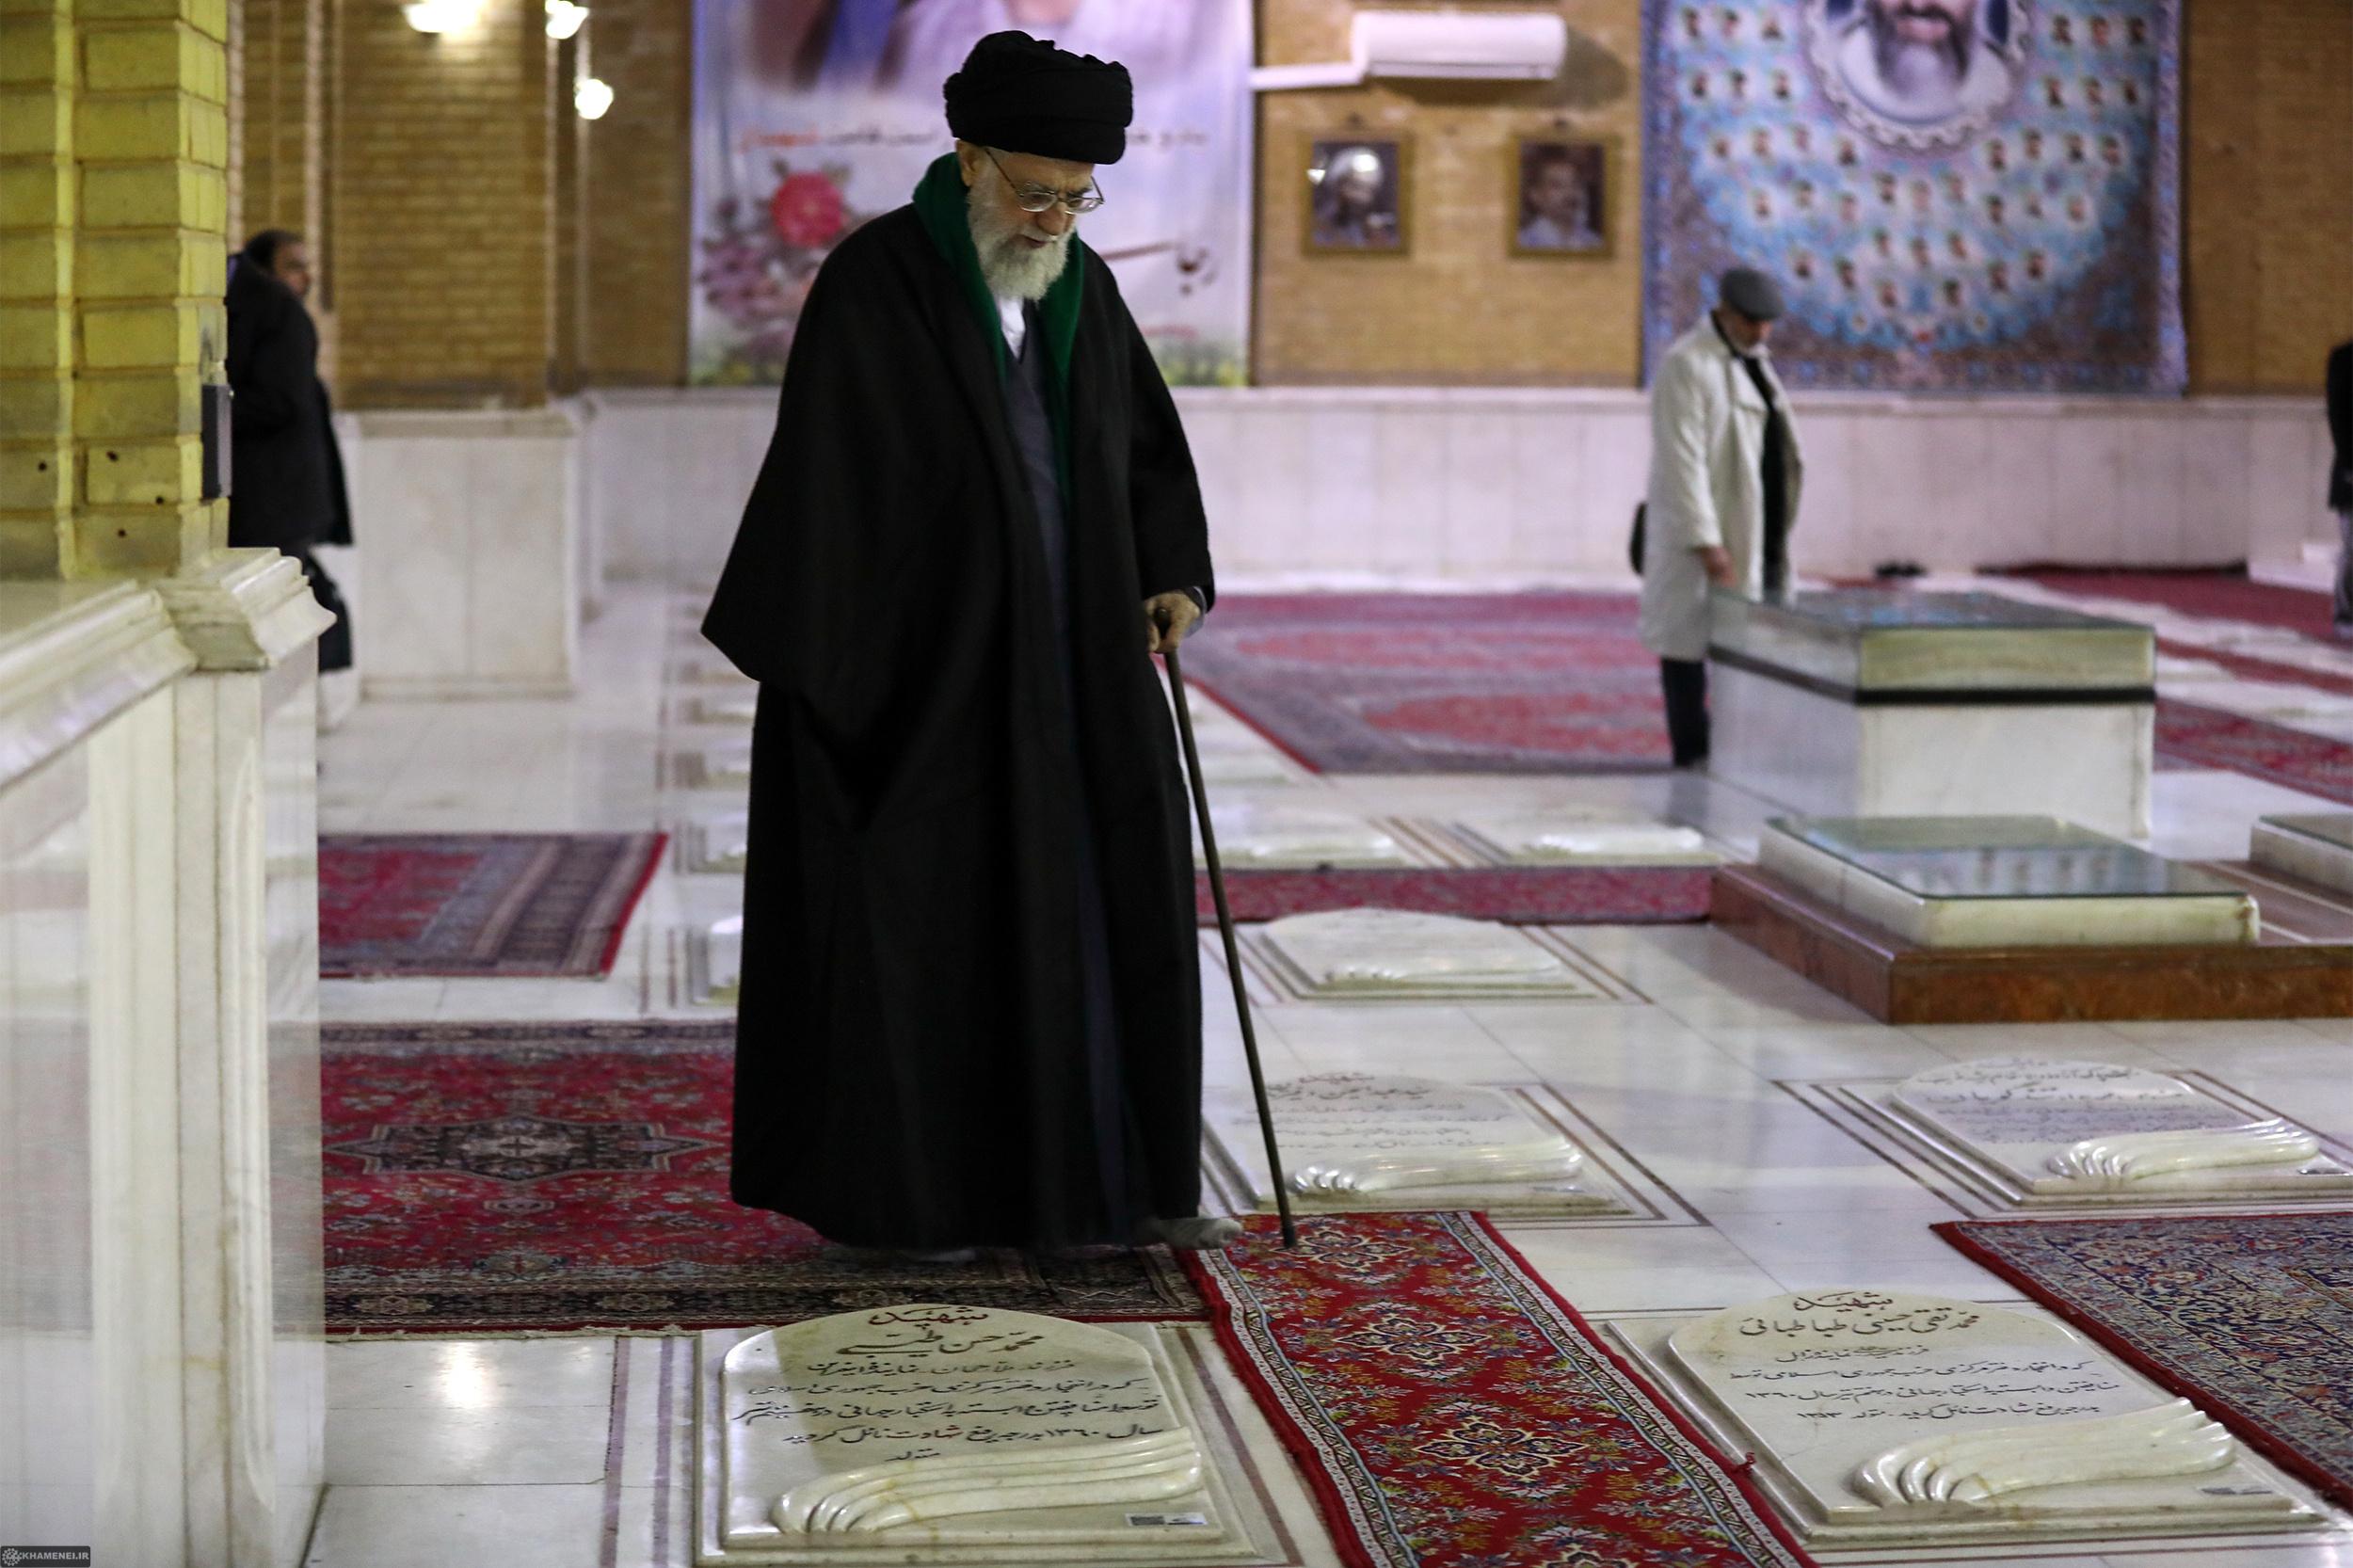 بخشهای تازهای از حضور رهبرانقلاب در حرم امام خمینی(ره) و گلزار شهدا، 11 دی 96 + فیلم